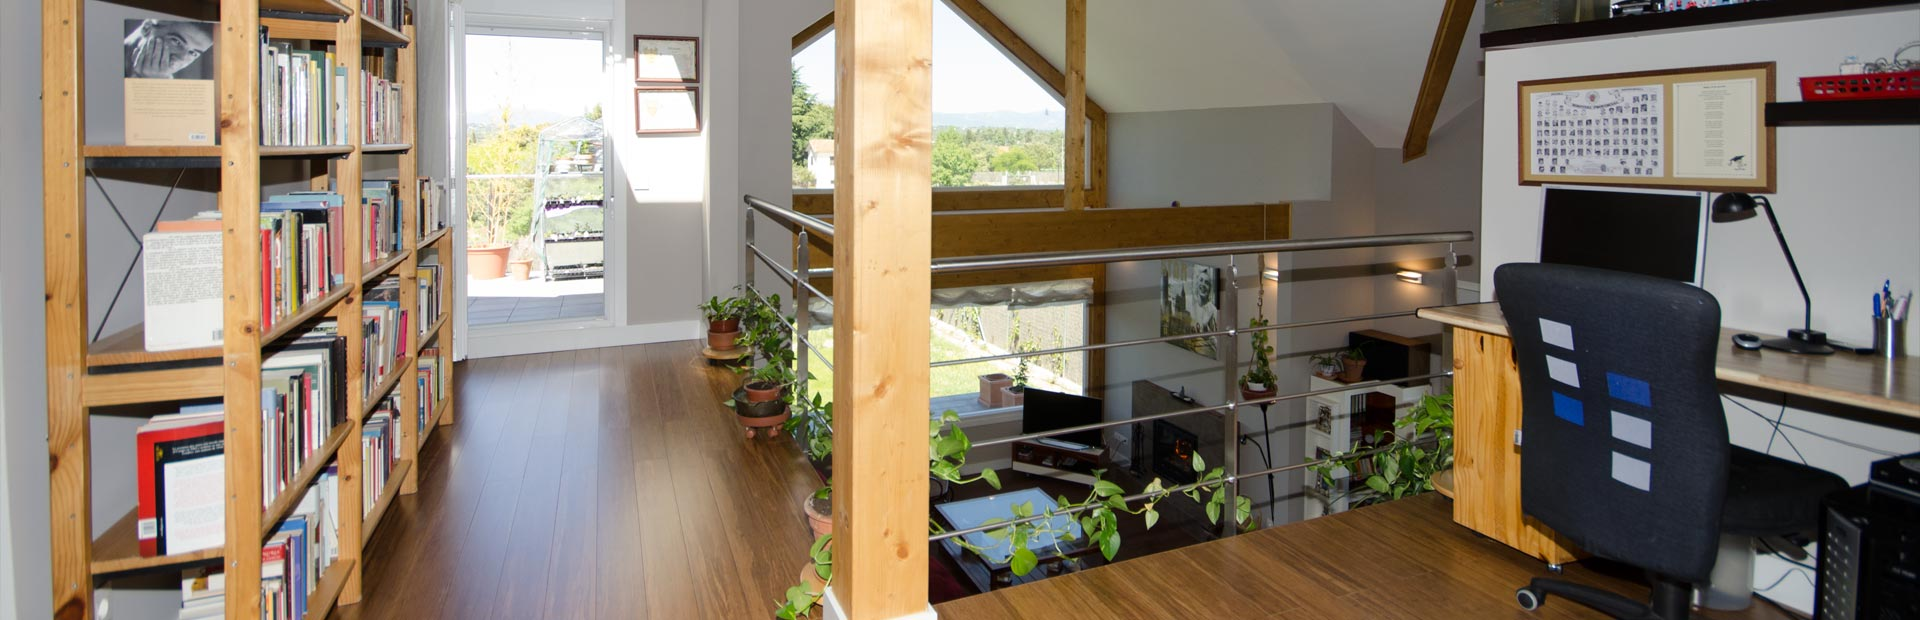 Interior de casa Canexel